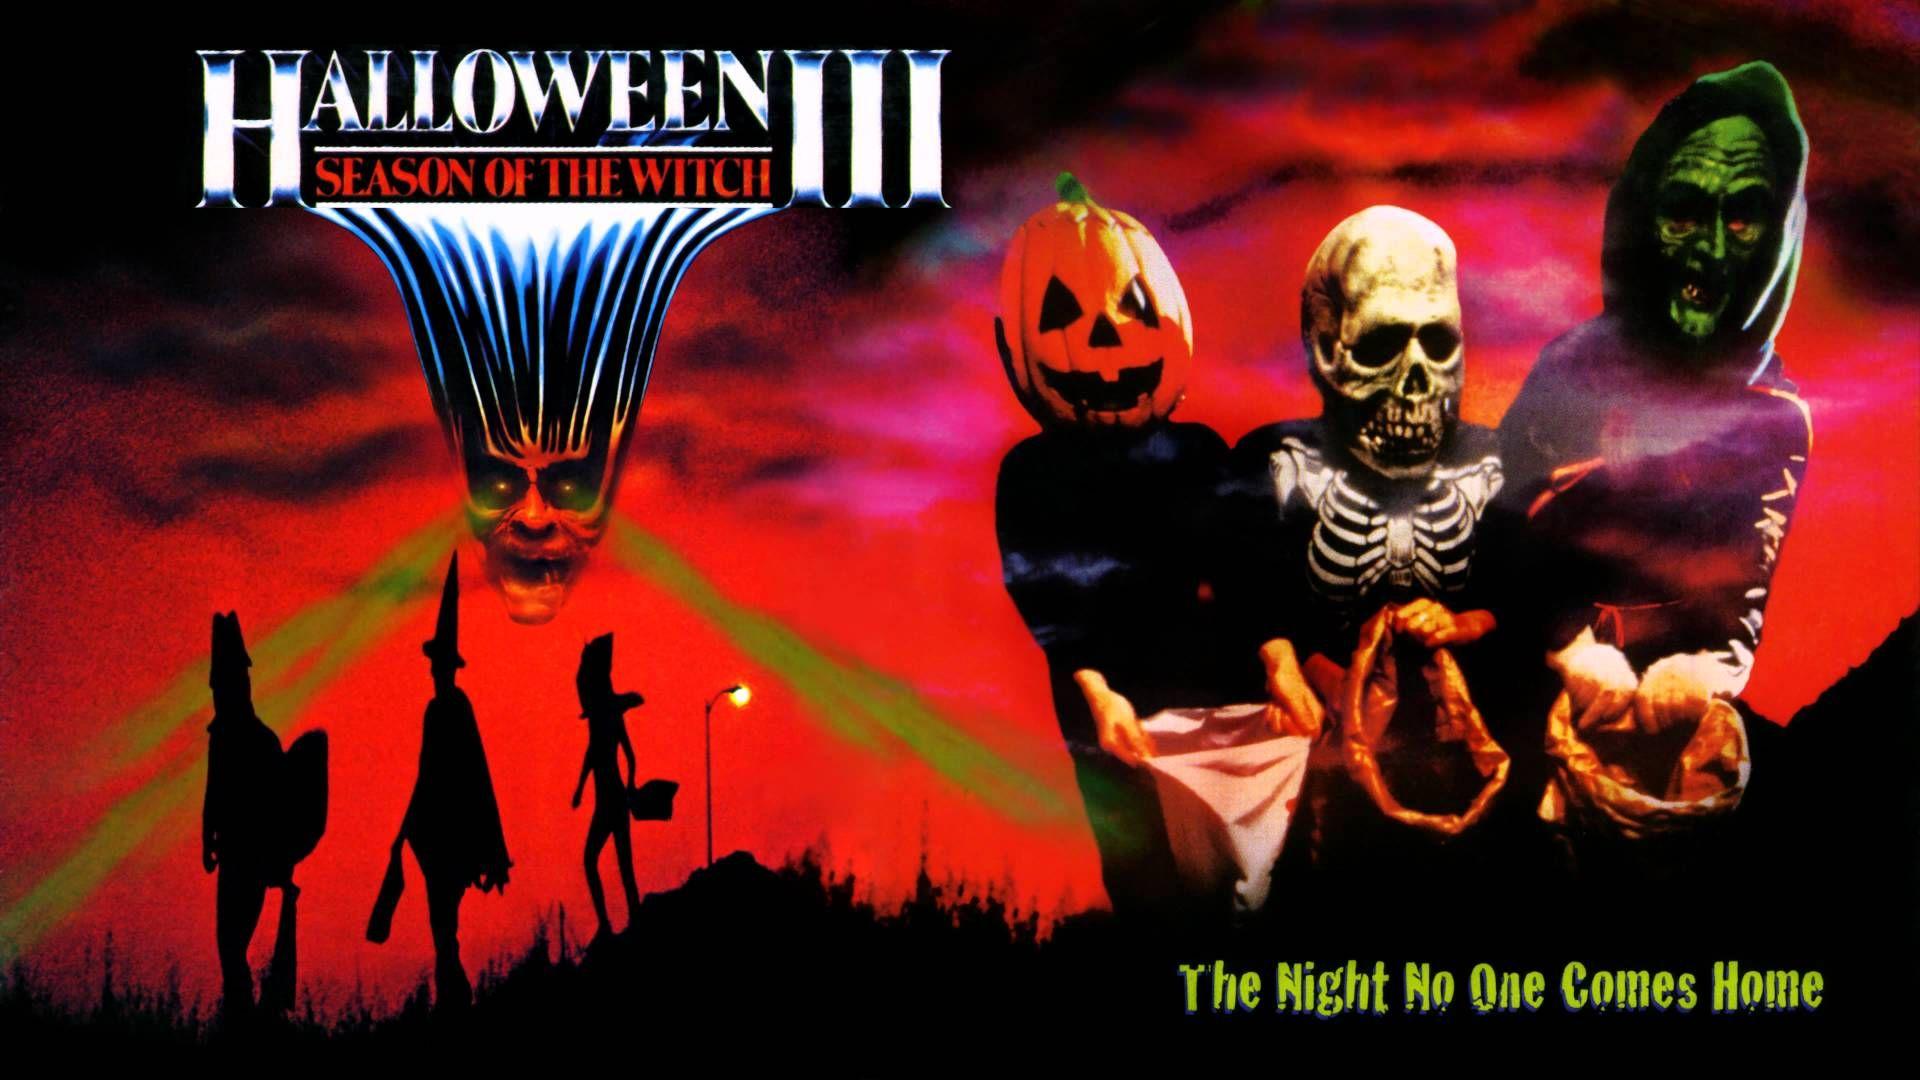 Halloween 3 cumple 33 años